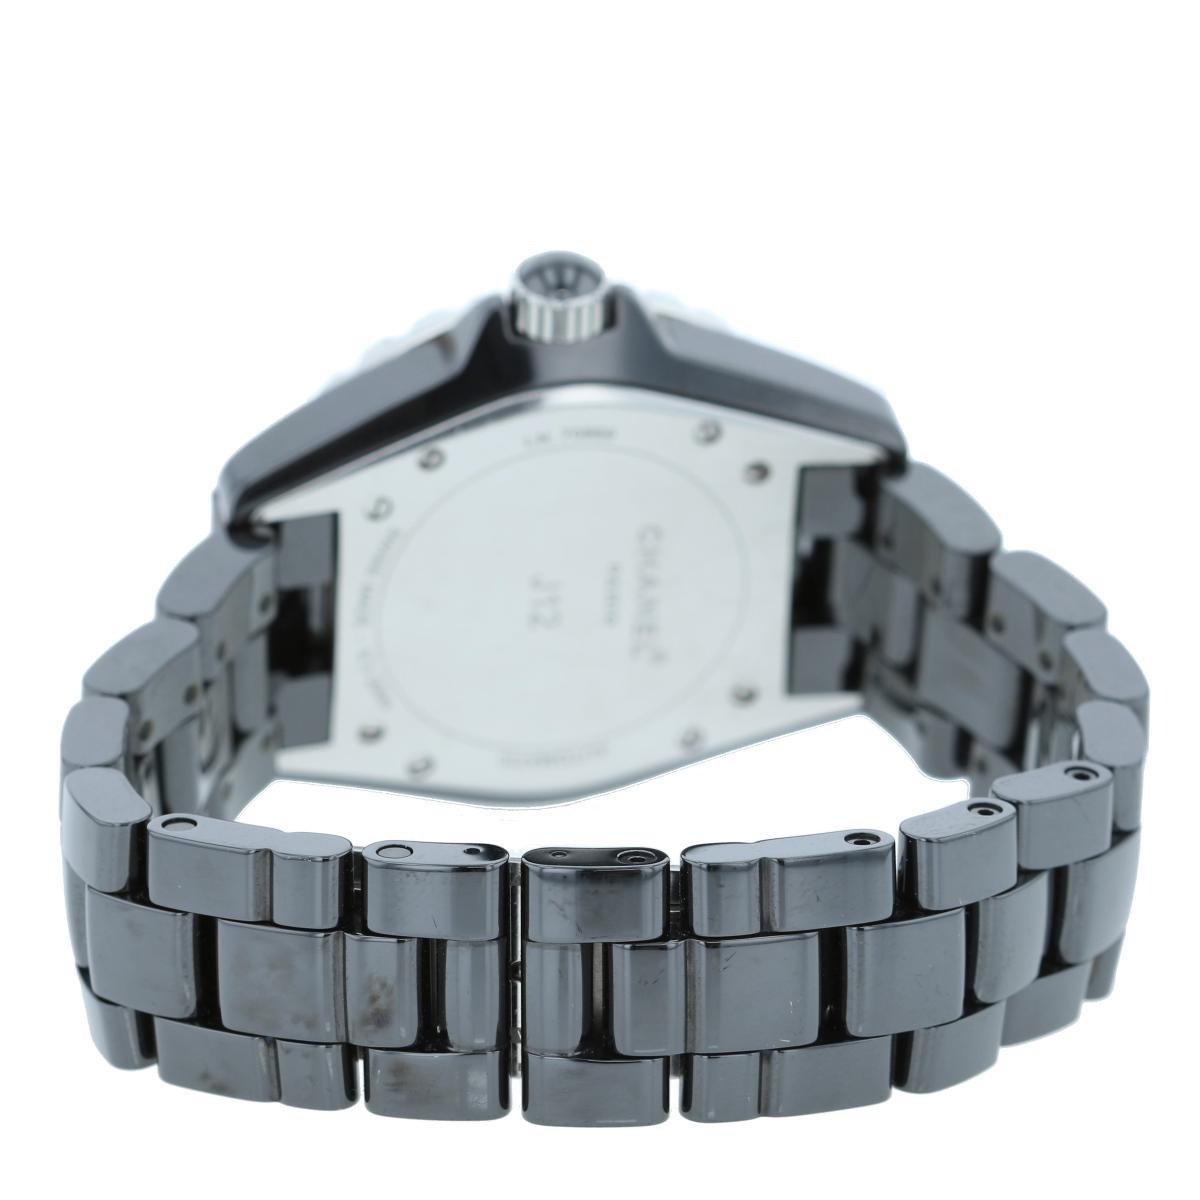 【お値下げ品】【即日発送・水曜定休日・木曜発送】CHANEL (シャネル) J12 38� 12Pダイヤモンド 時計 自動巻き/メンズ J12/Black Black/ブラック H1626 used:B